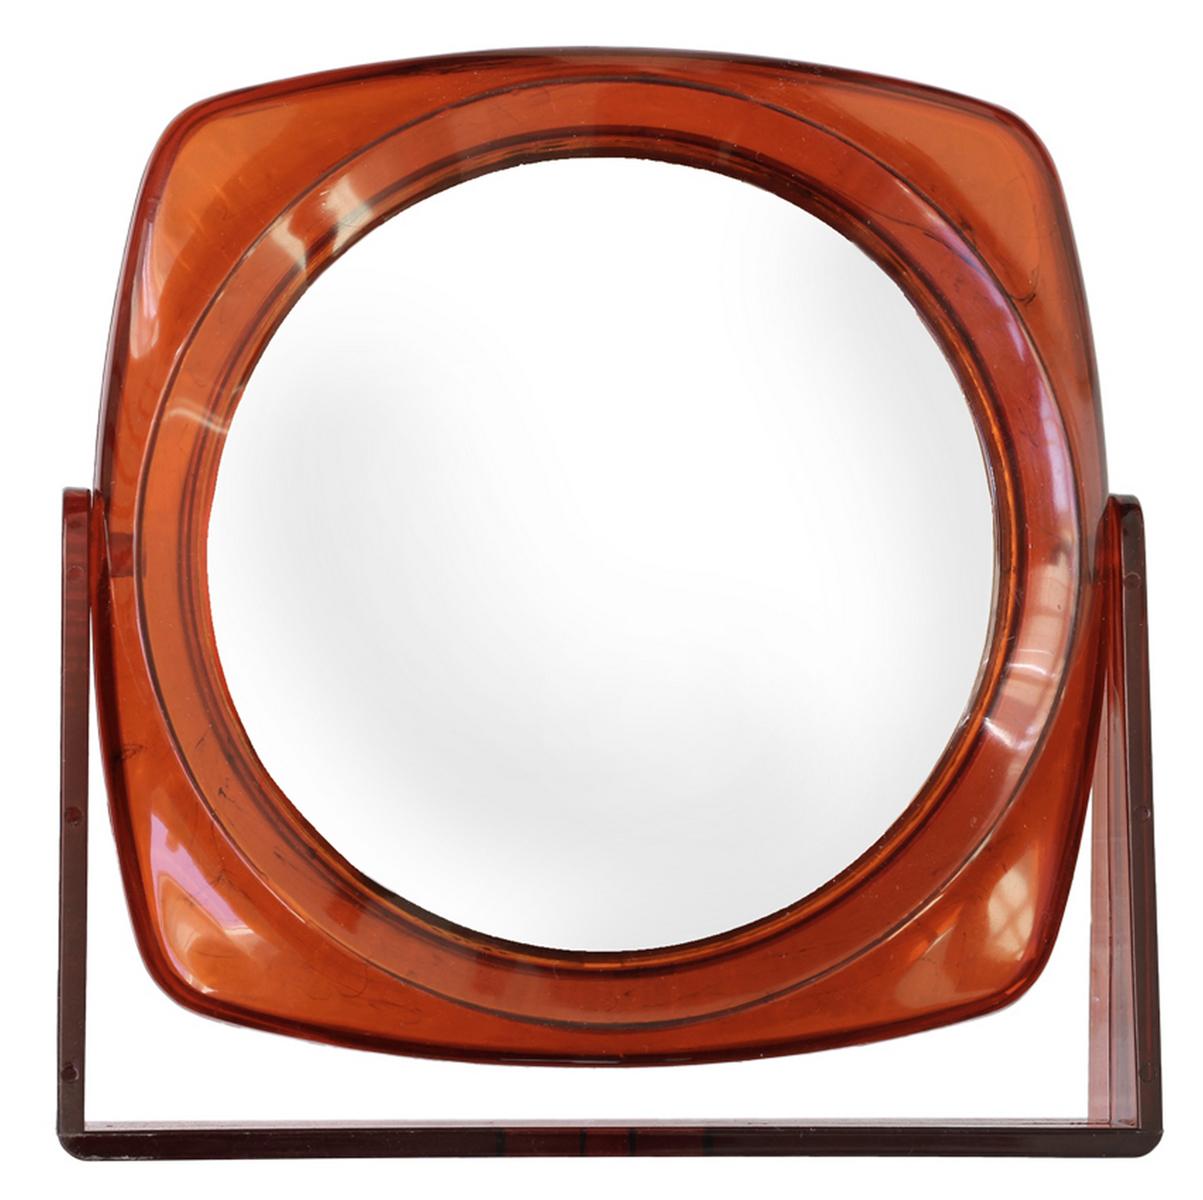 Silva Зеркало настольное, круглое, цвет: коричневый зеркало круглое в краснодаре